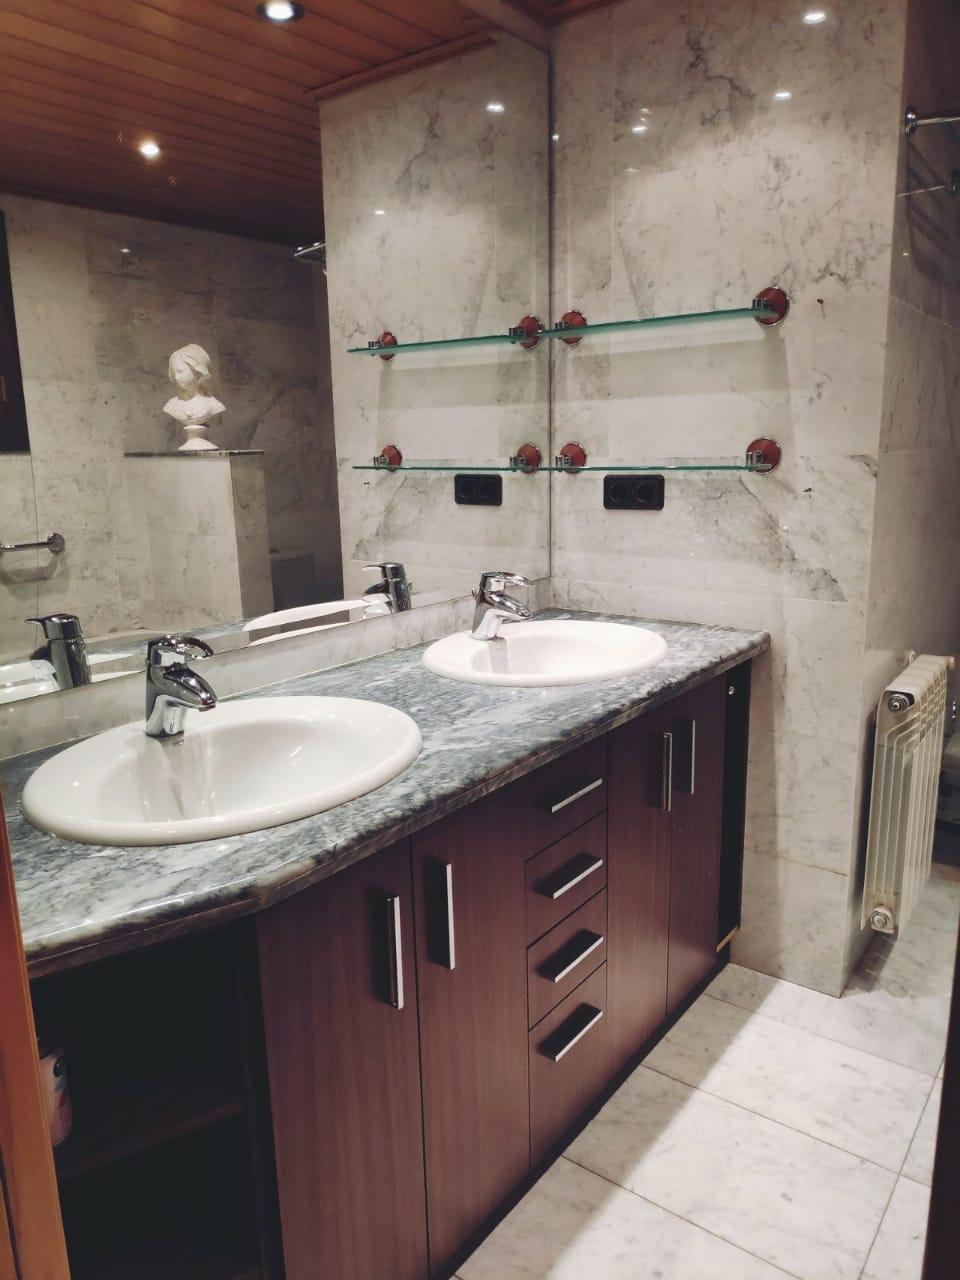 Pis en venda a Escaldes-Engordany - Immobiliària Cortals - Andorra - Rèf. 0296